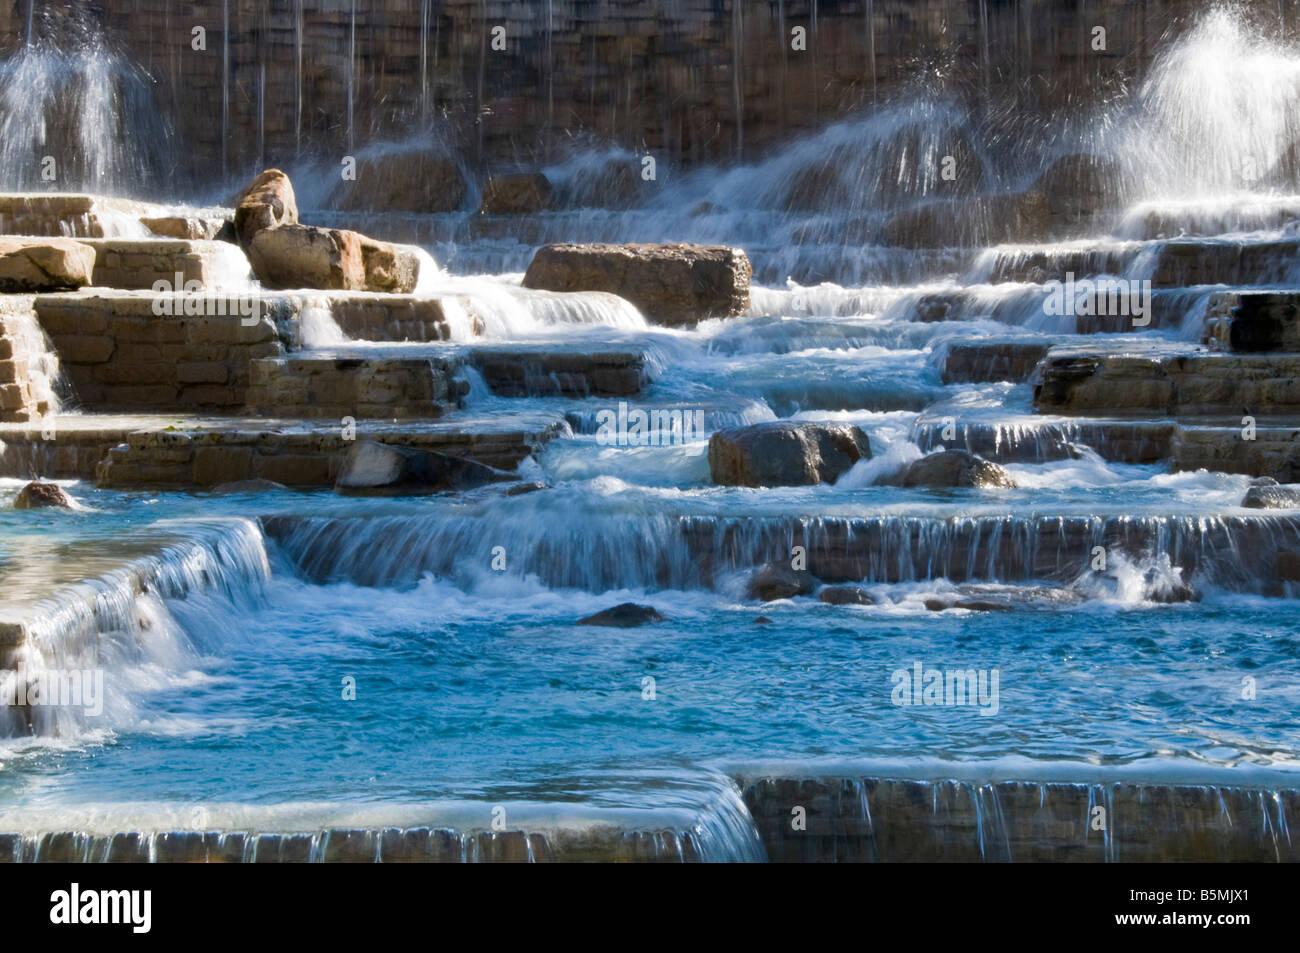 Waterfall fountains Hemisfair Park, San Antonio, Texas. - Stock Image